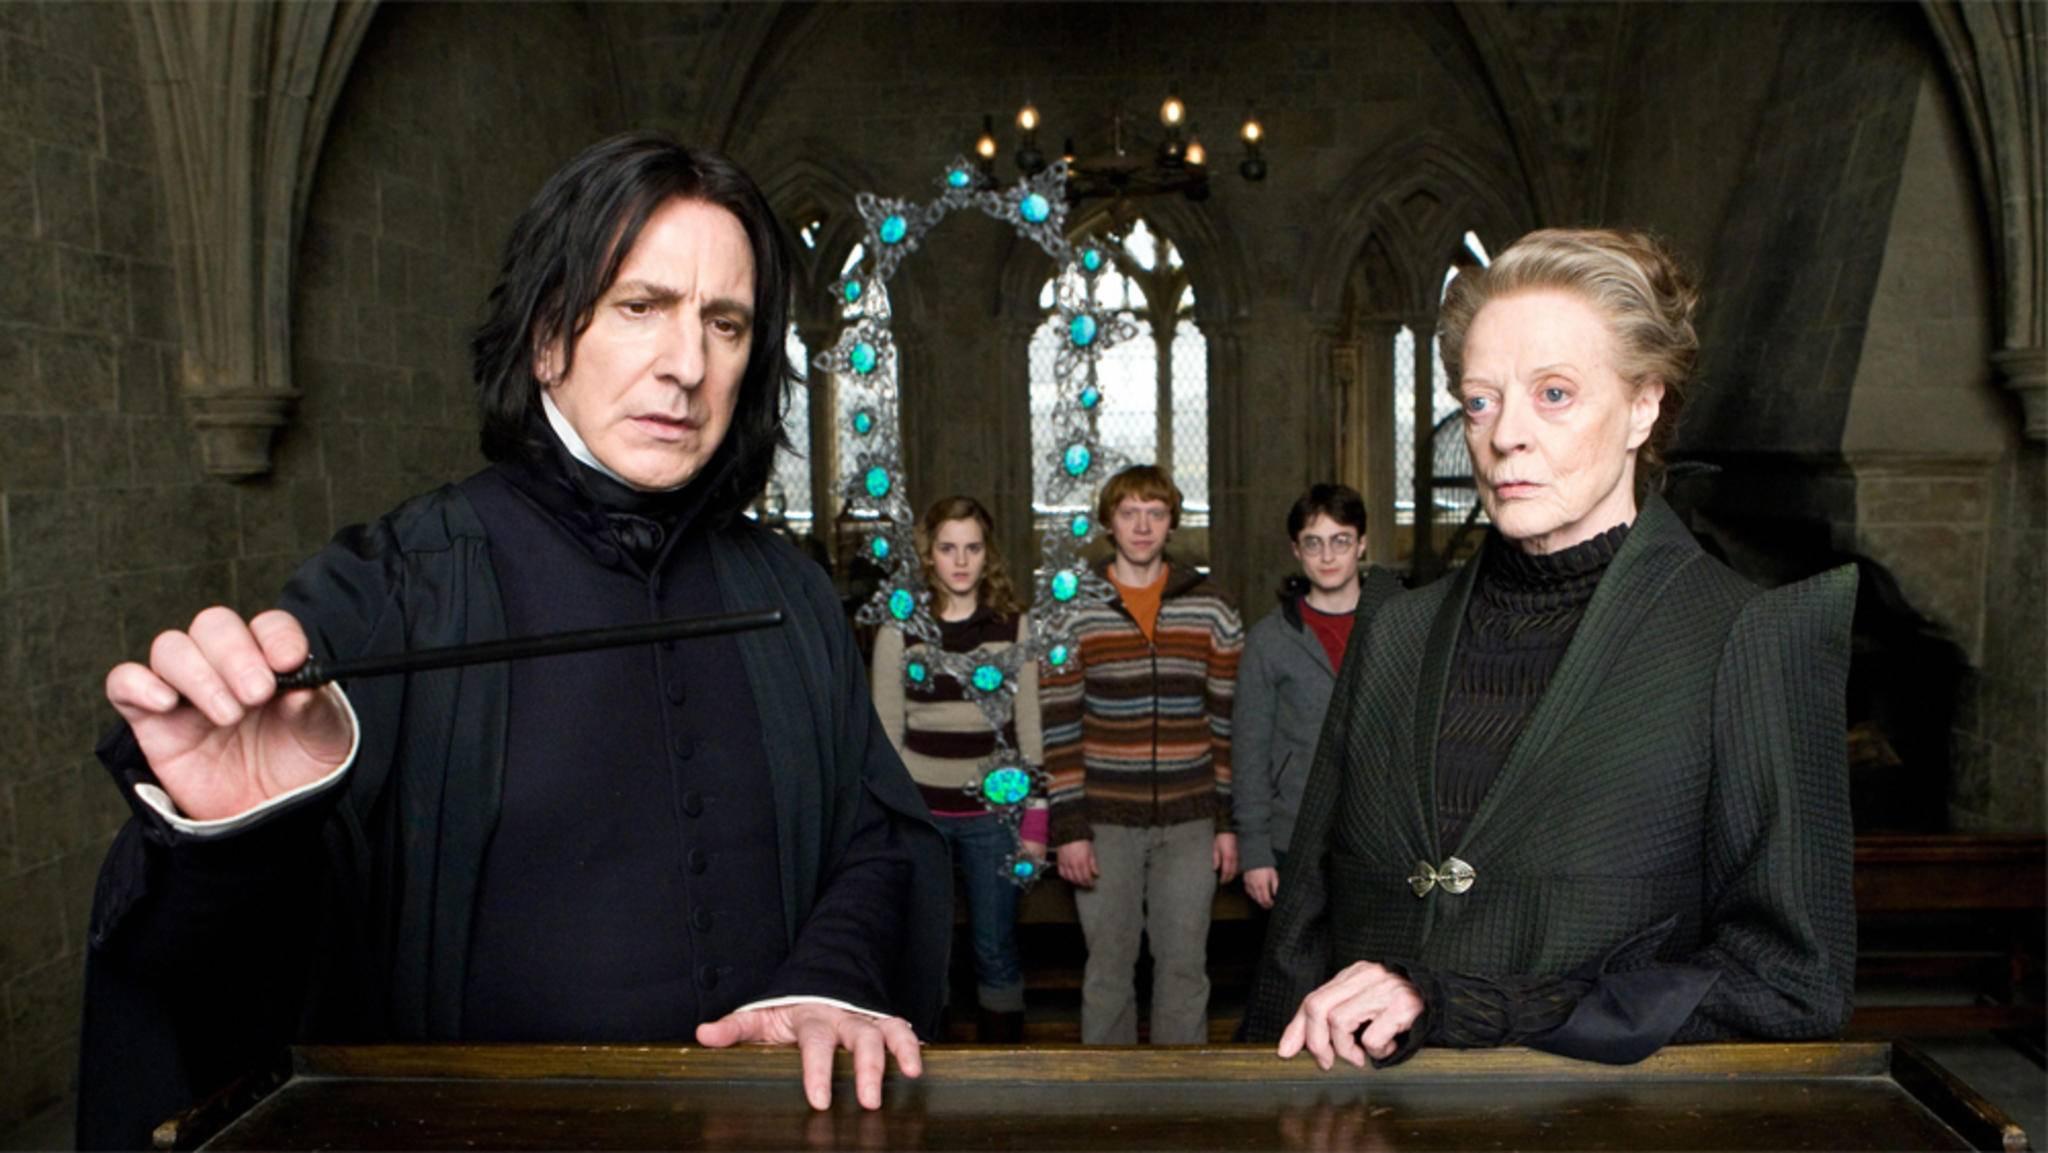 Professor Snape im Einsatz: Der Unterricht in Hogwarts ist immer spannend.